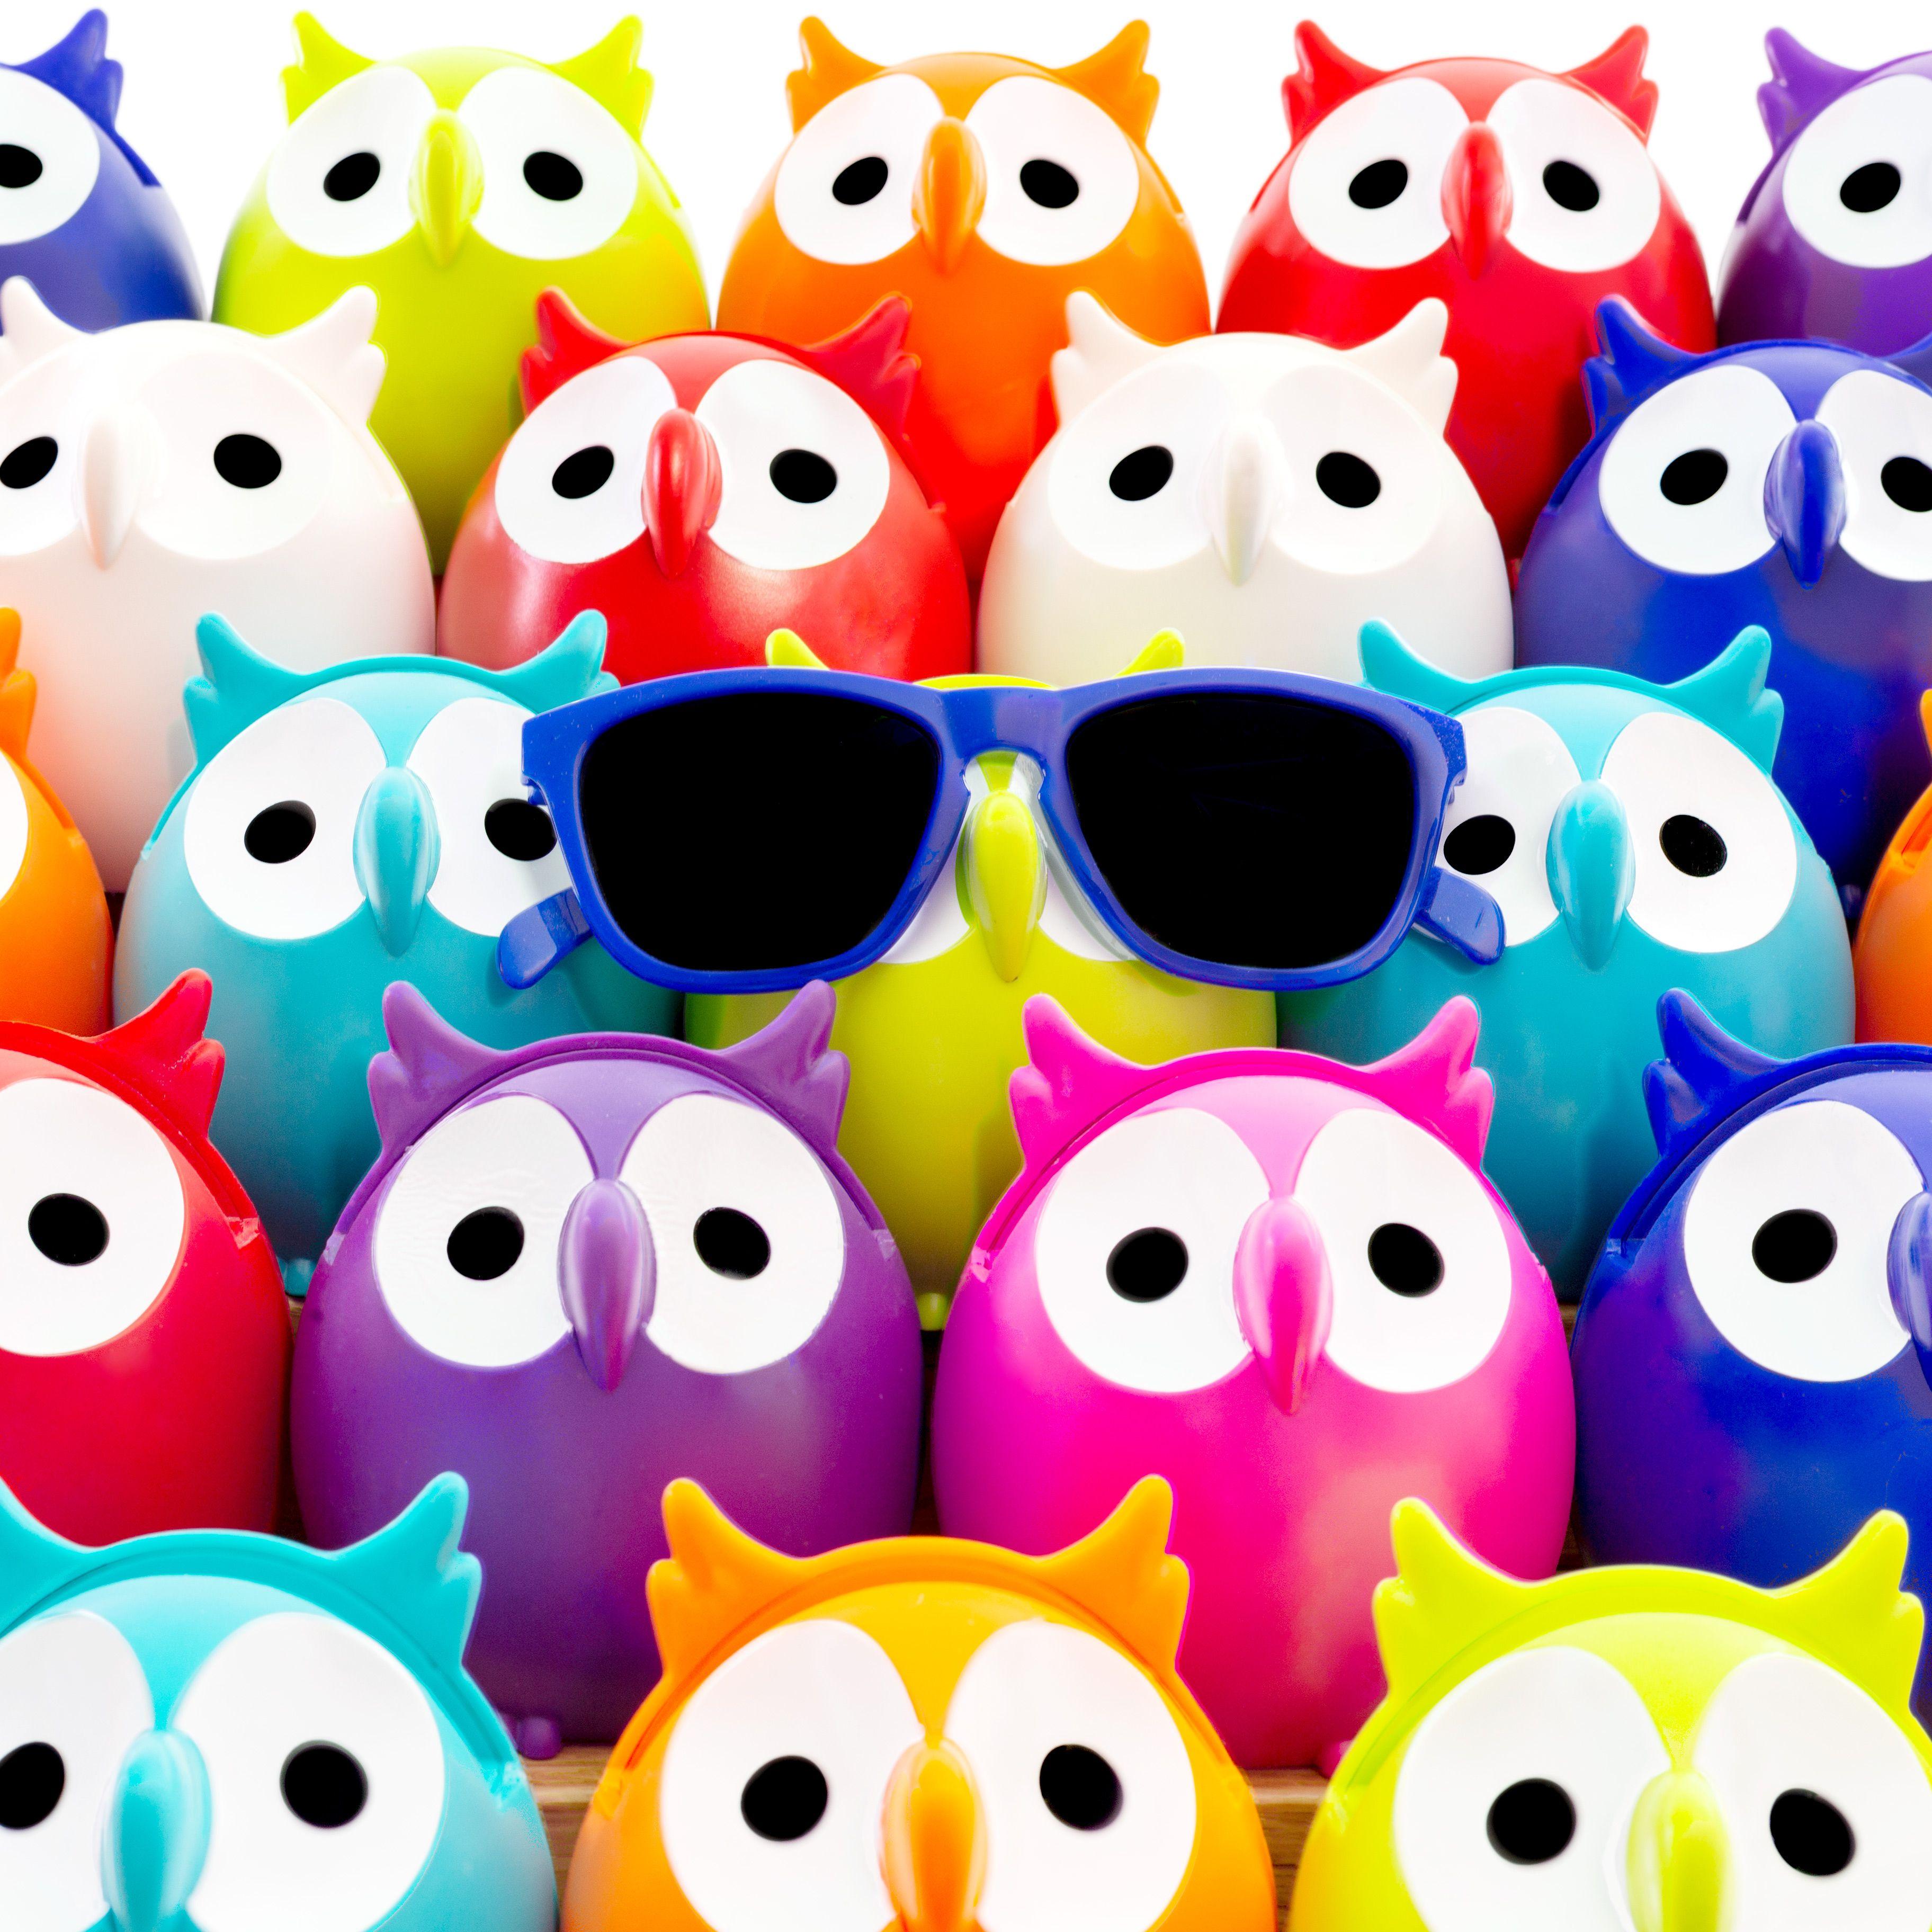 très convoité gamme de plus de photos pourtant pas vulgaire Porte / Repose lunettes - Owl   Products   Cadeau design ...